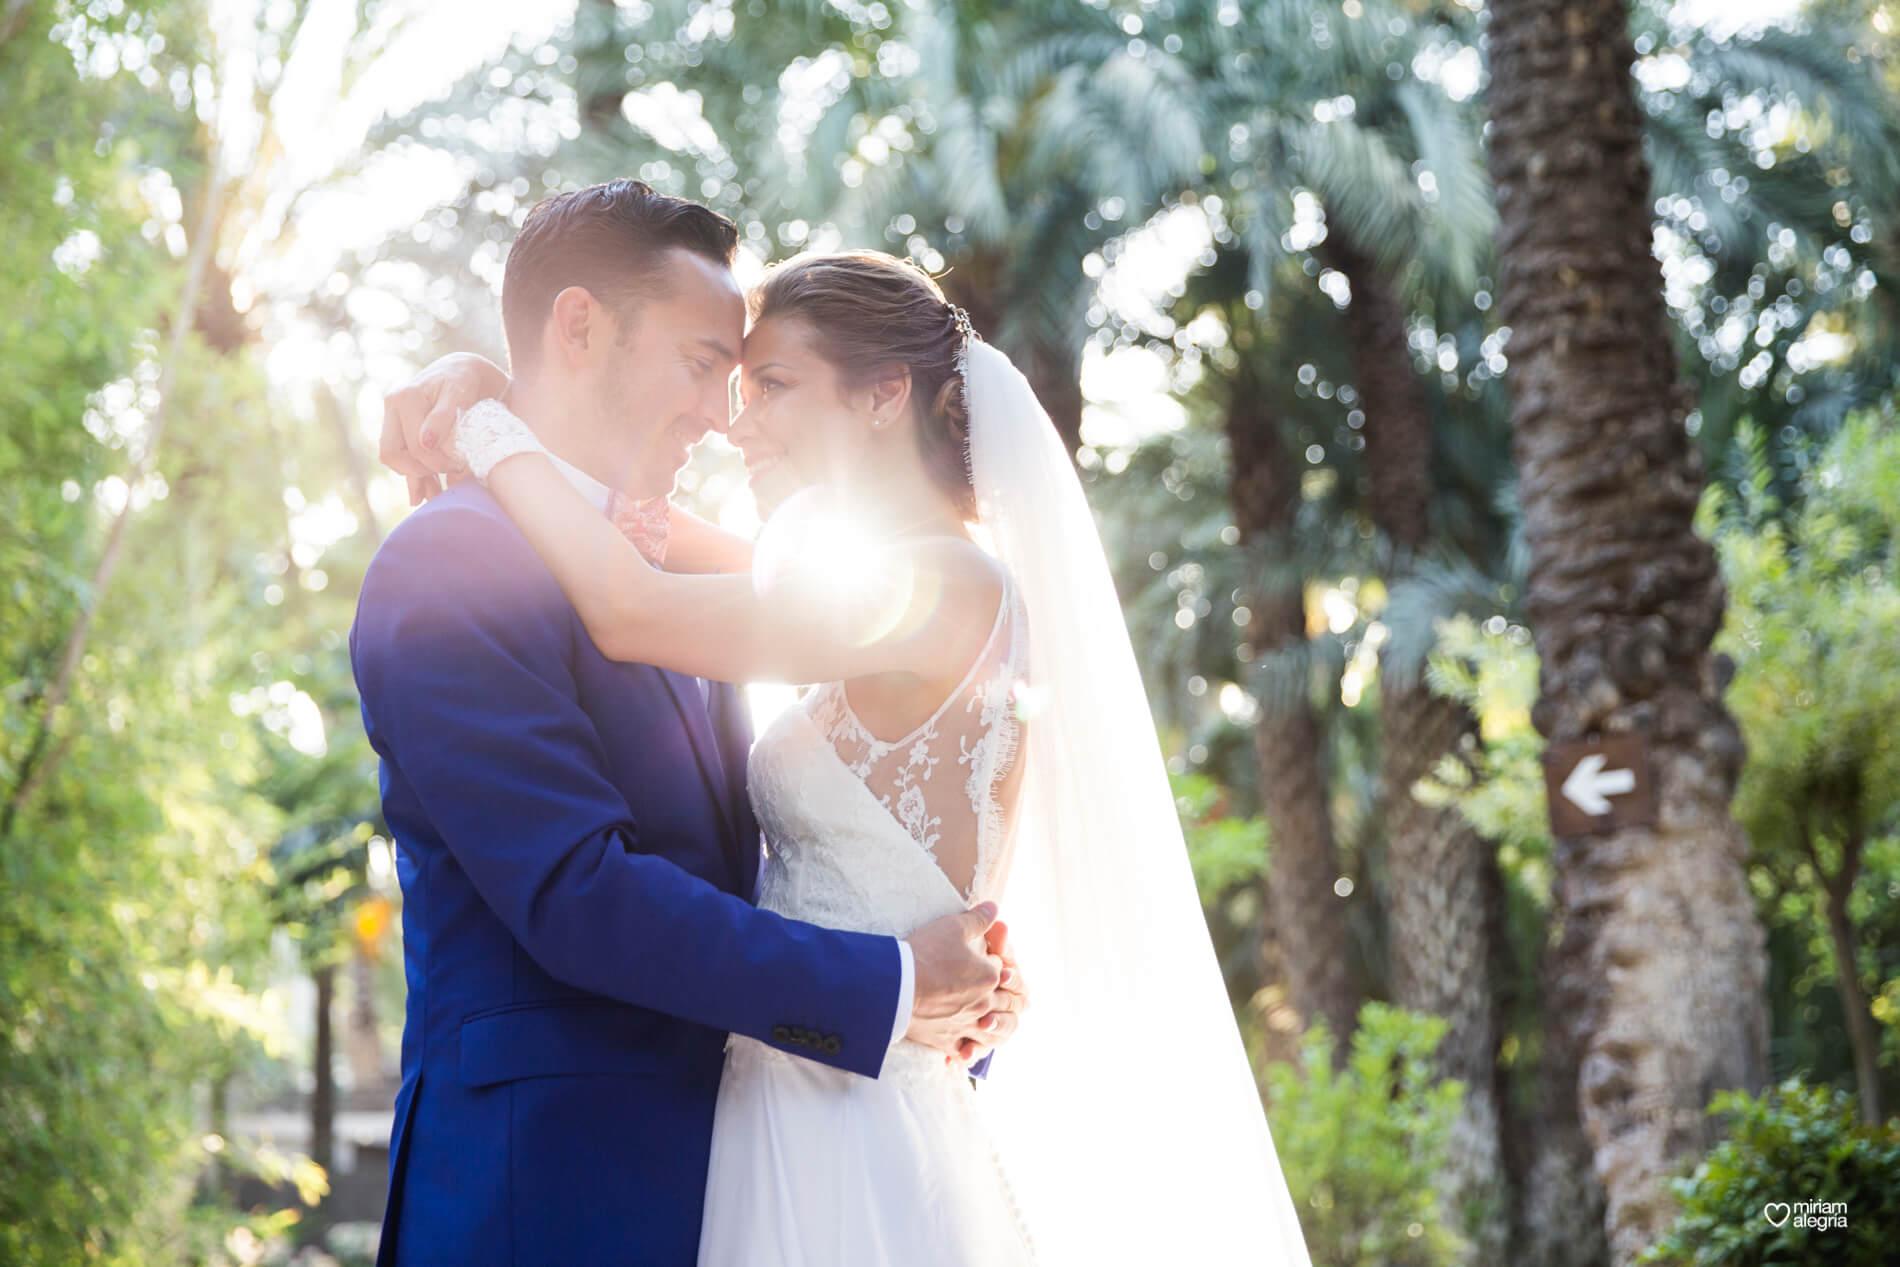 wedding-huerto-del-cura-elche-miriam-alegria-fotografos-boda-24